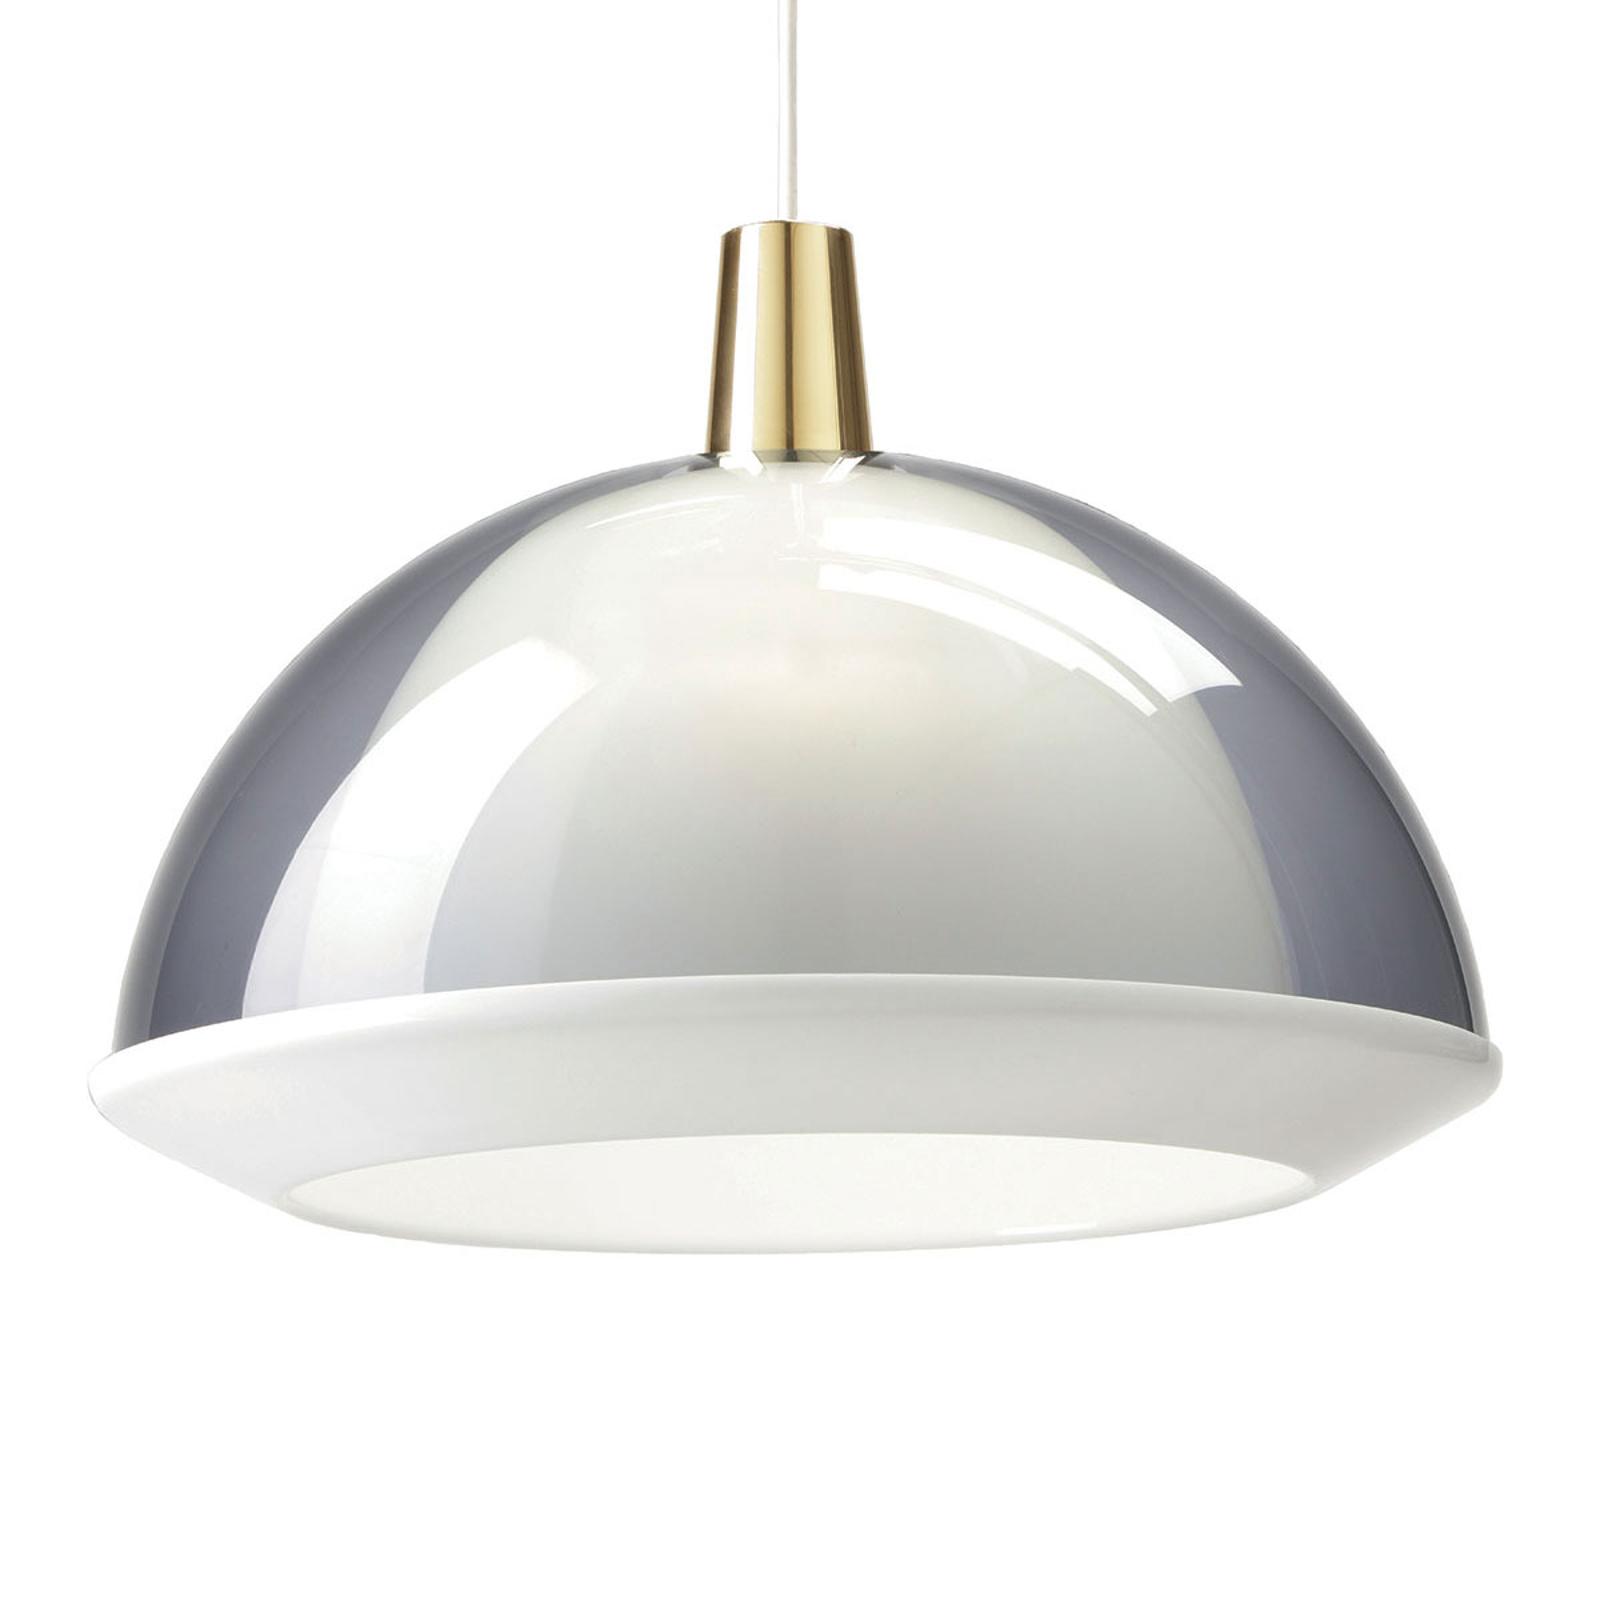 Innolux Kuplat 480 hængelampe, 48 cm røggrå